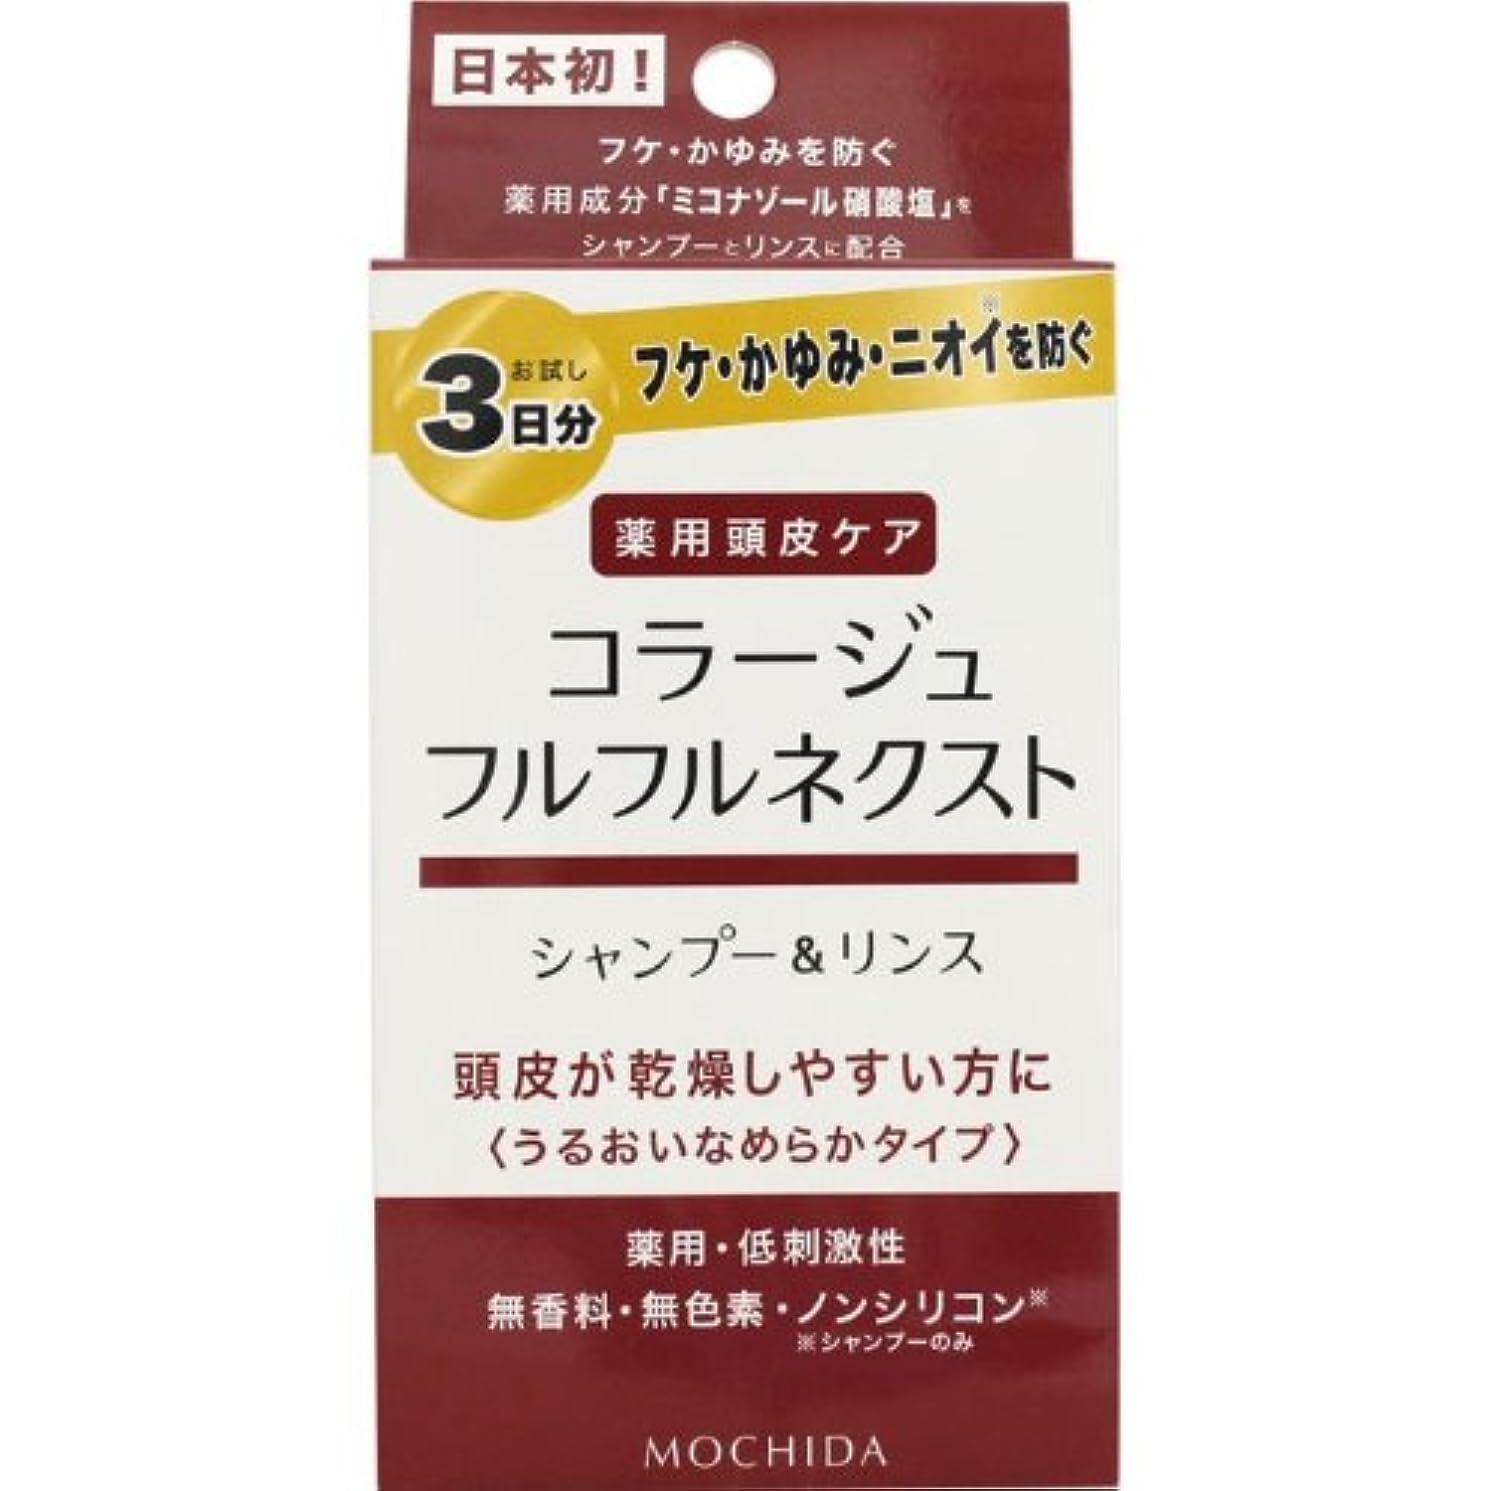 ランタン牛床を掃除する【業務用】カウブランド海藻エキスリンスインシャンプー 10L